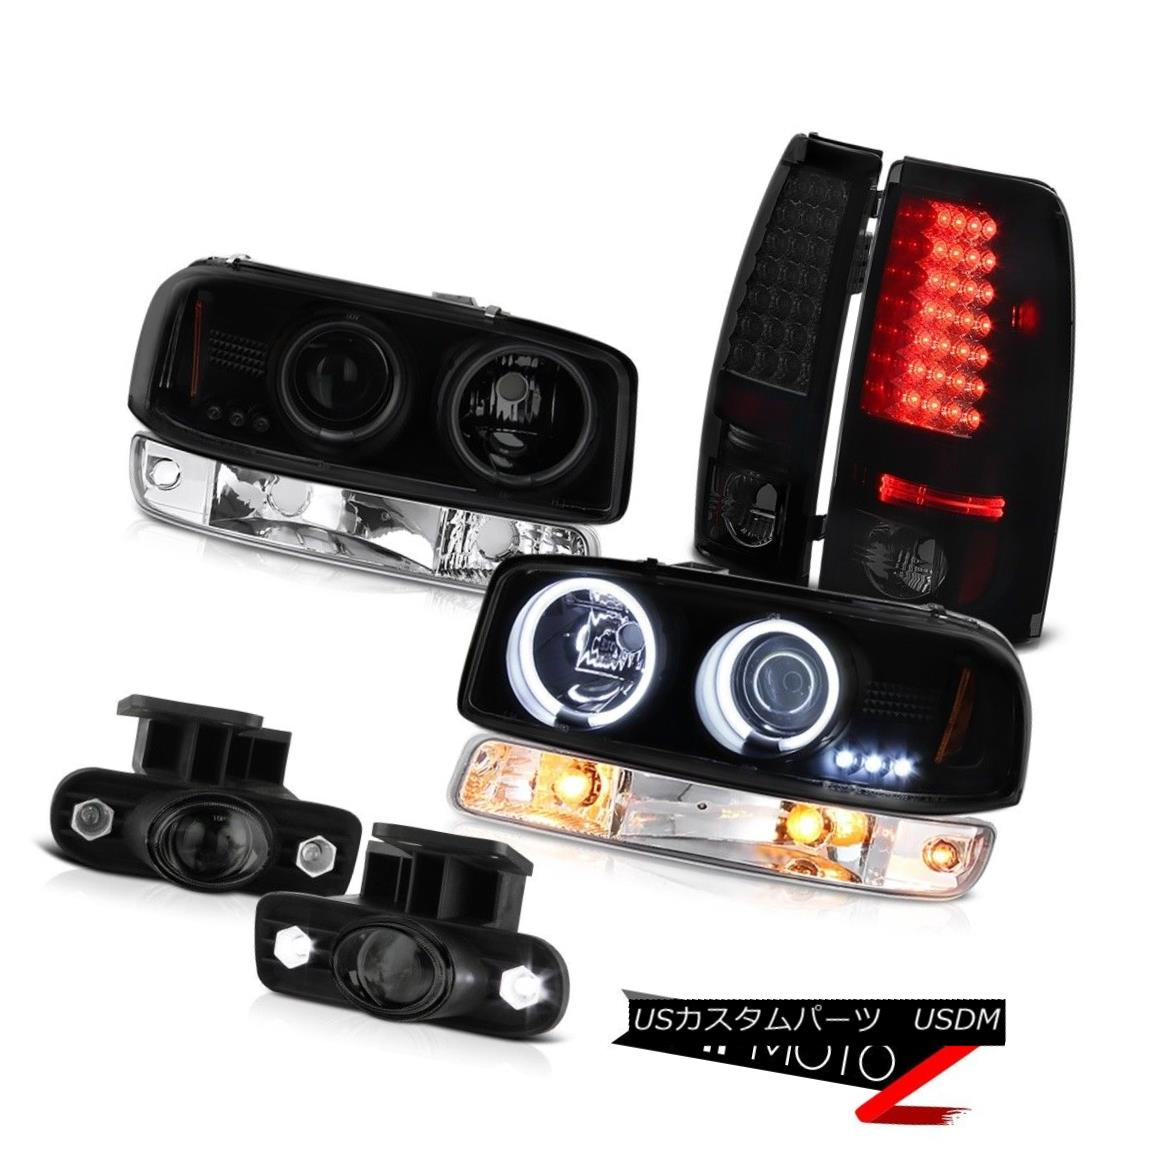 テールライト 99-02 Sierra SL Fog lights led taillights turn signal ccfl projector headlights 99-02シエラSLフォグライトは、テールランプターン信号ccflプロジェクターヘッドライトを導いた